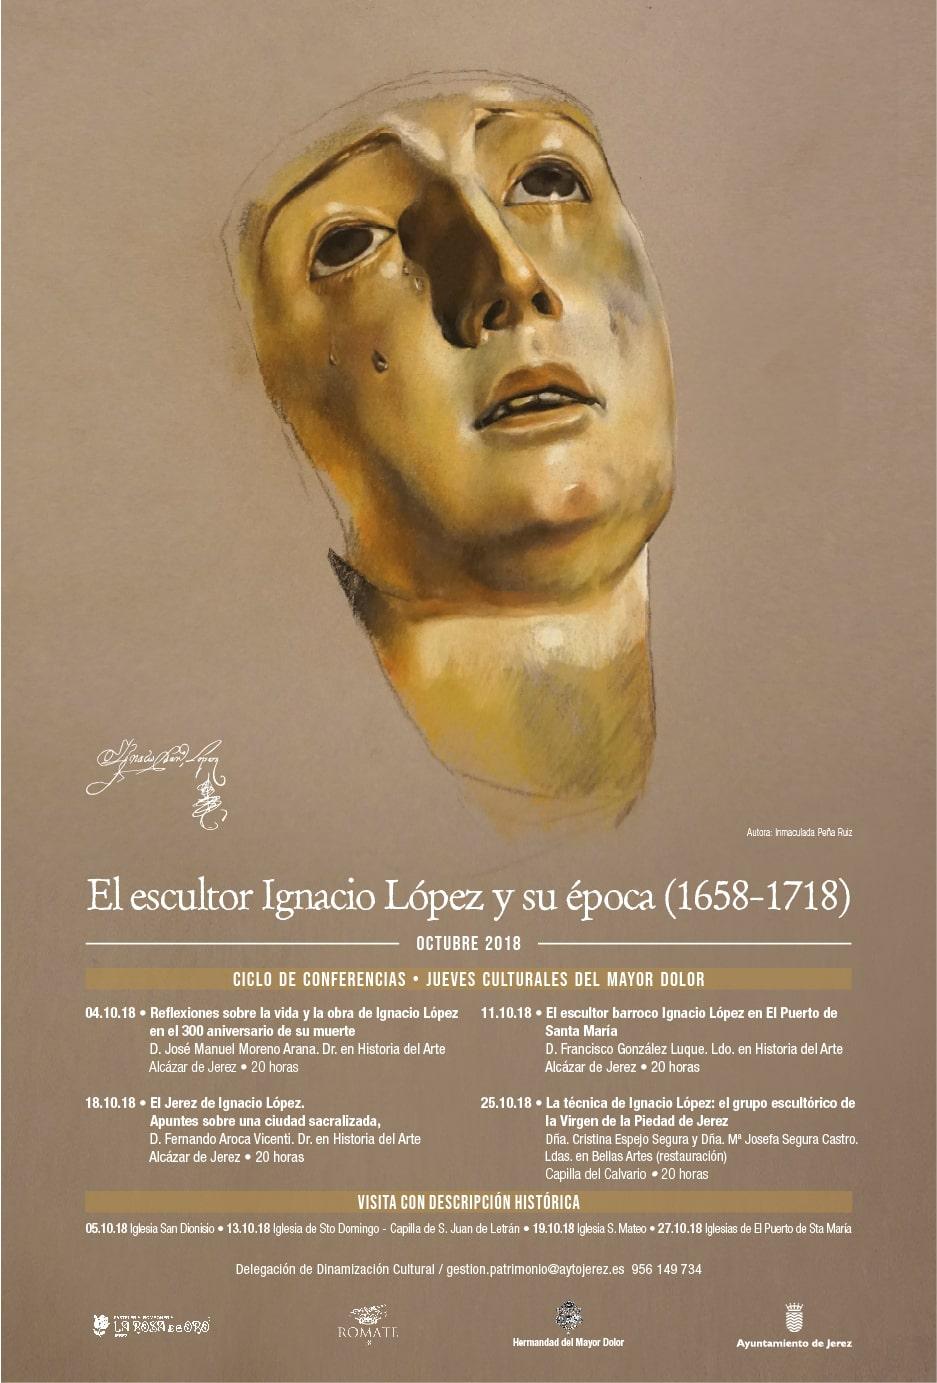 El escultor Ignacio López y su época (1658-1718)